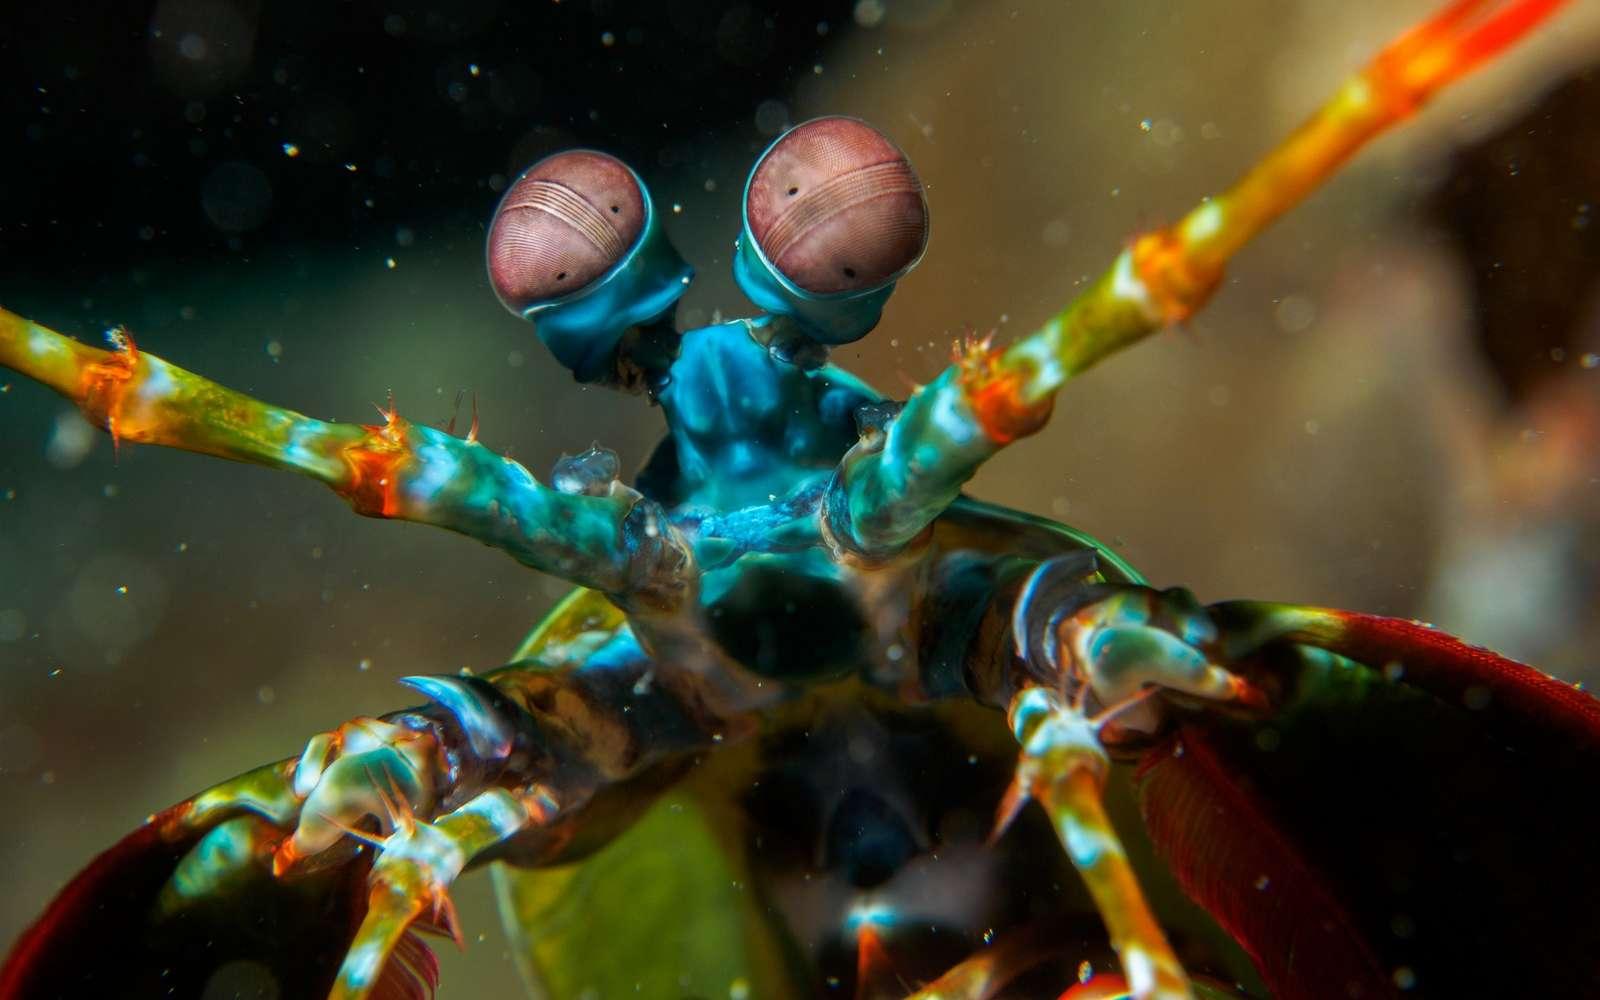 La crevette-mante fait partie des invertébrés dont la vision peut détecter la polarisation de la lumière. © Bugking88, Fotolia